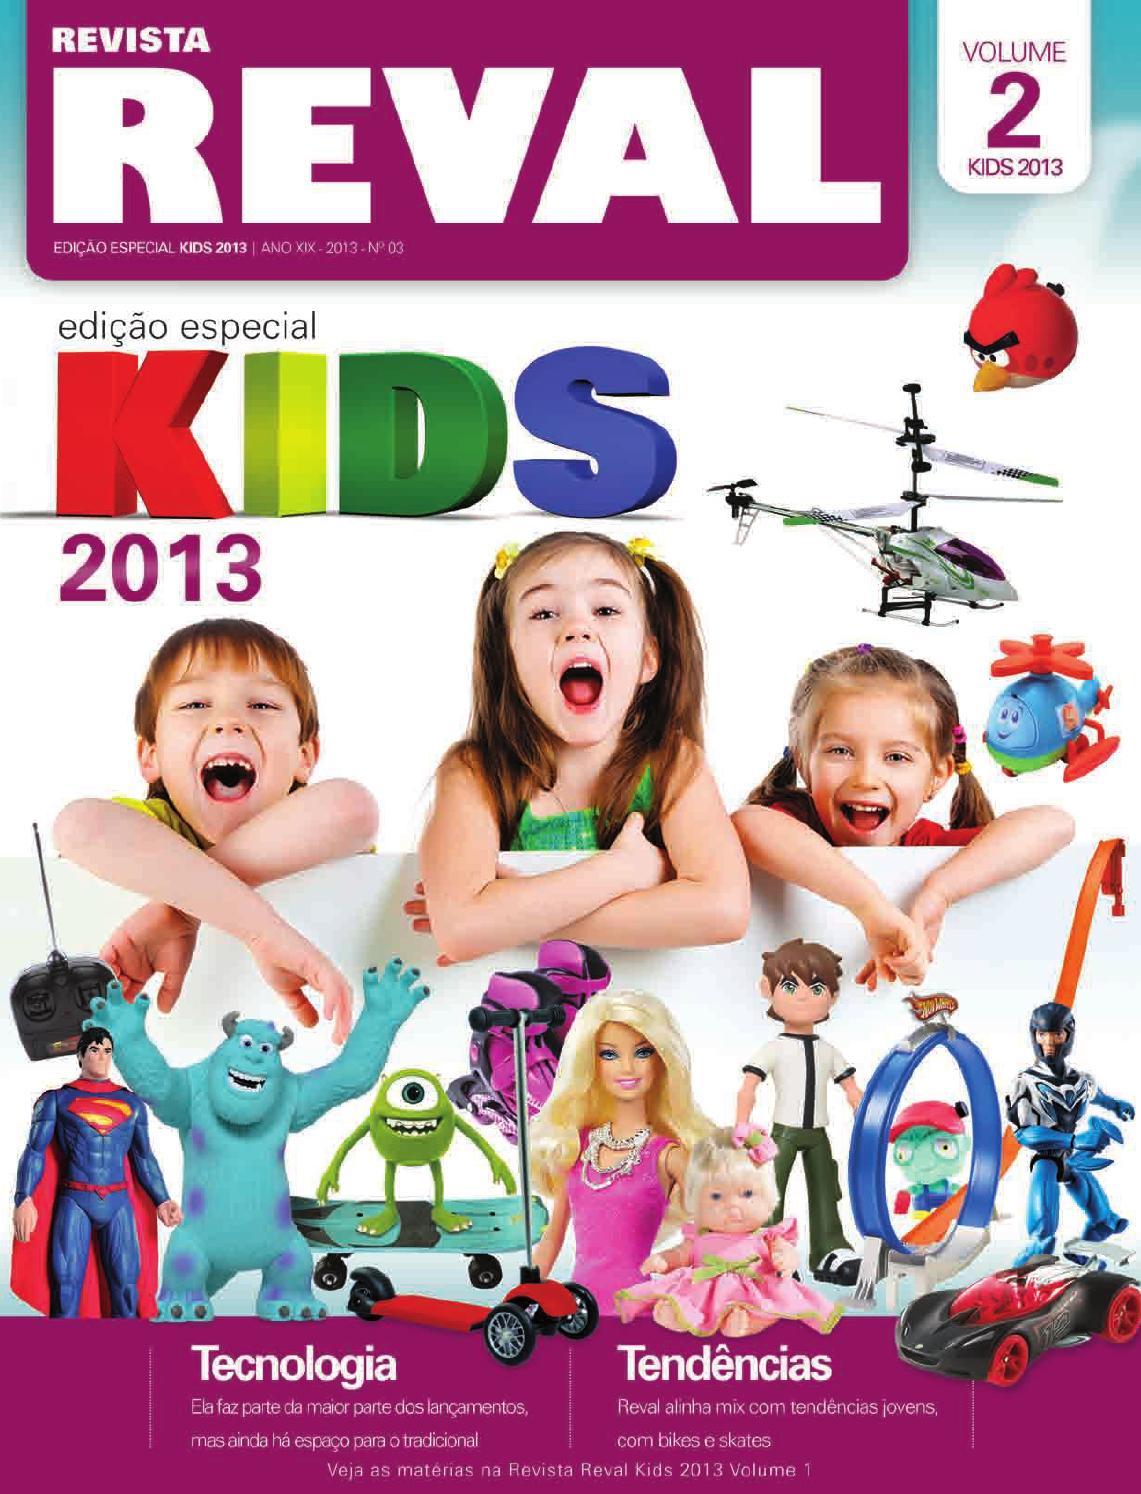 d934c1138 Revista Reval Kids 2013 - Volume 02 by Reval Atacado de Papelaria Ltda. -  issuu